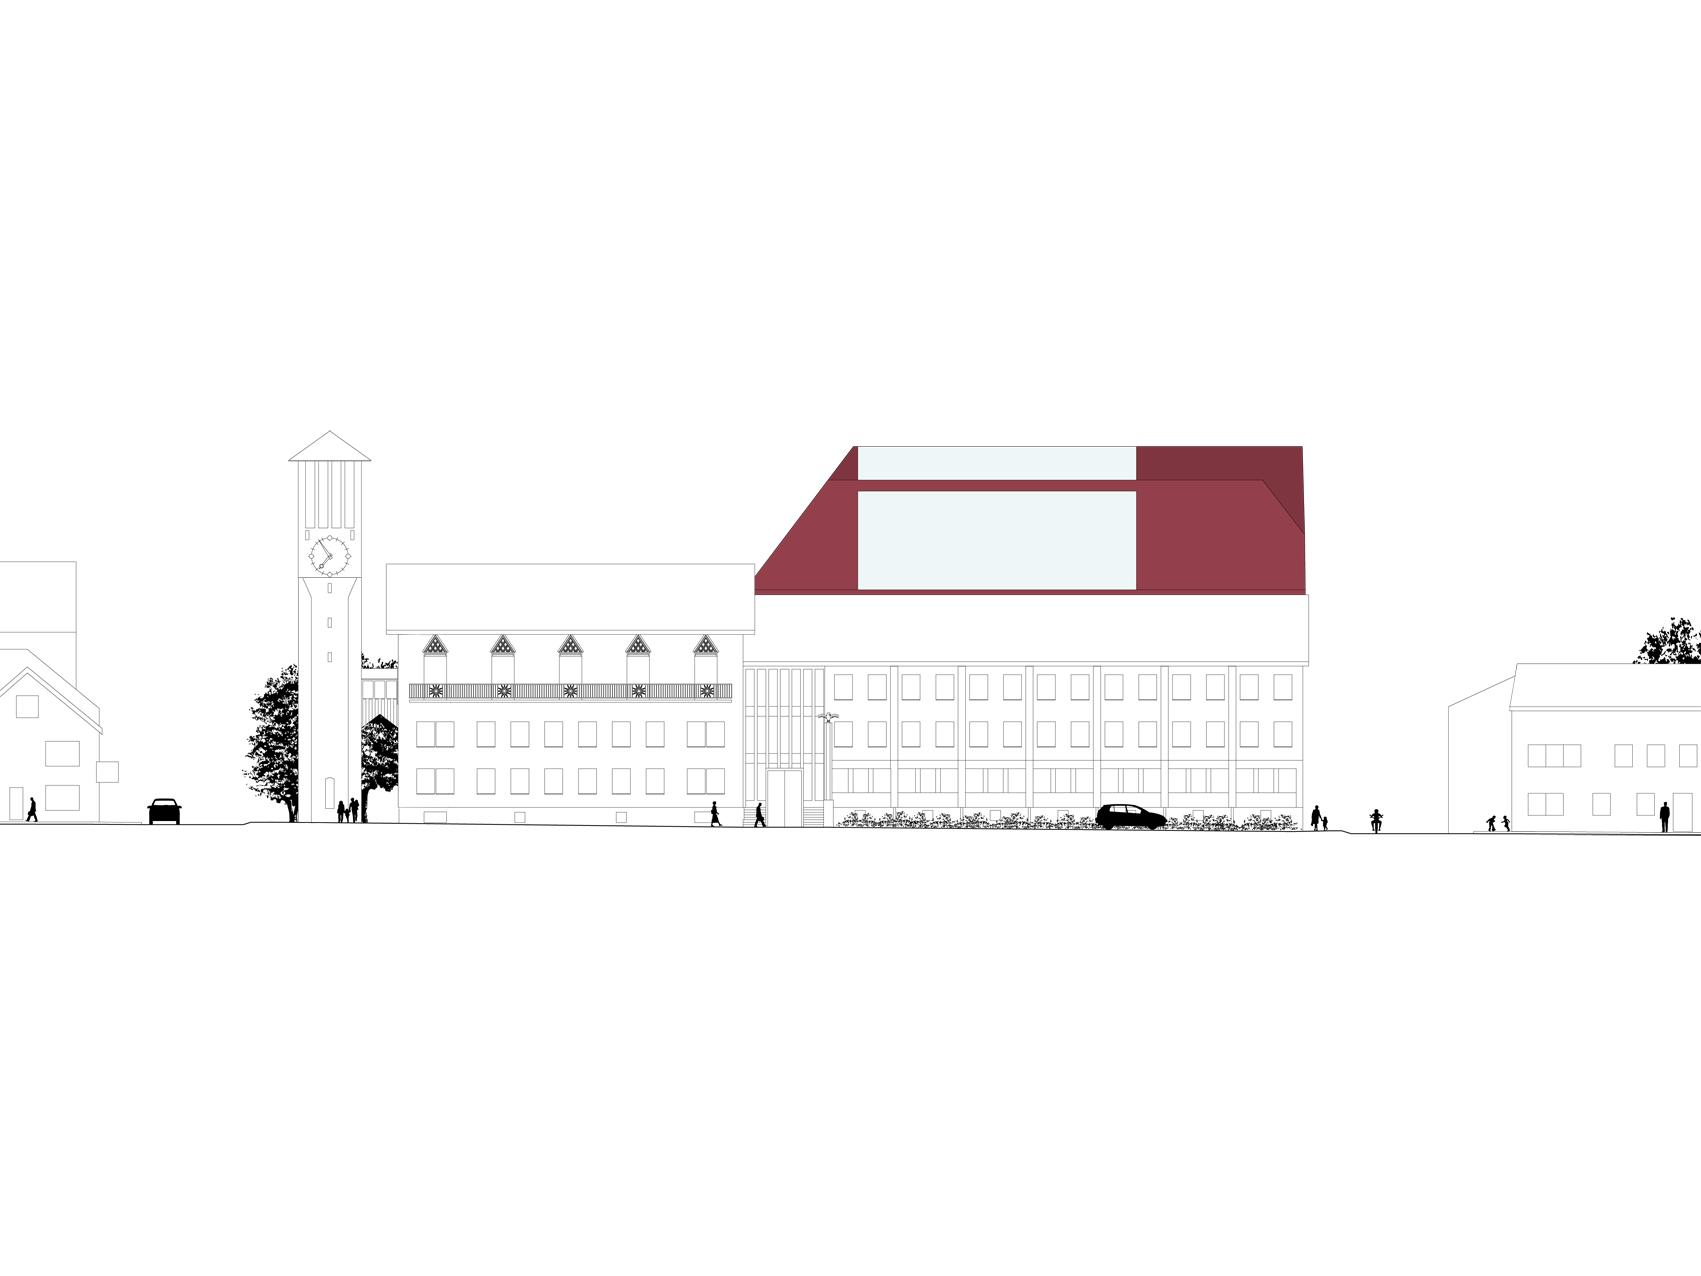 U67 Bodø Rådhus